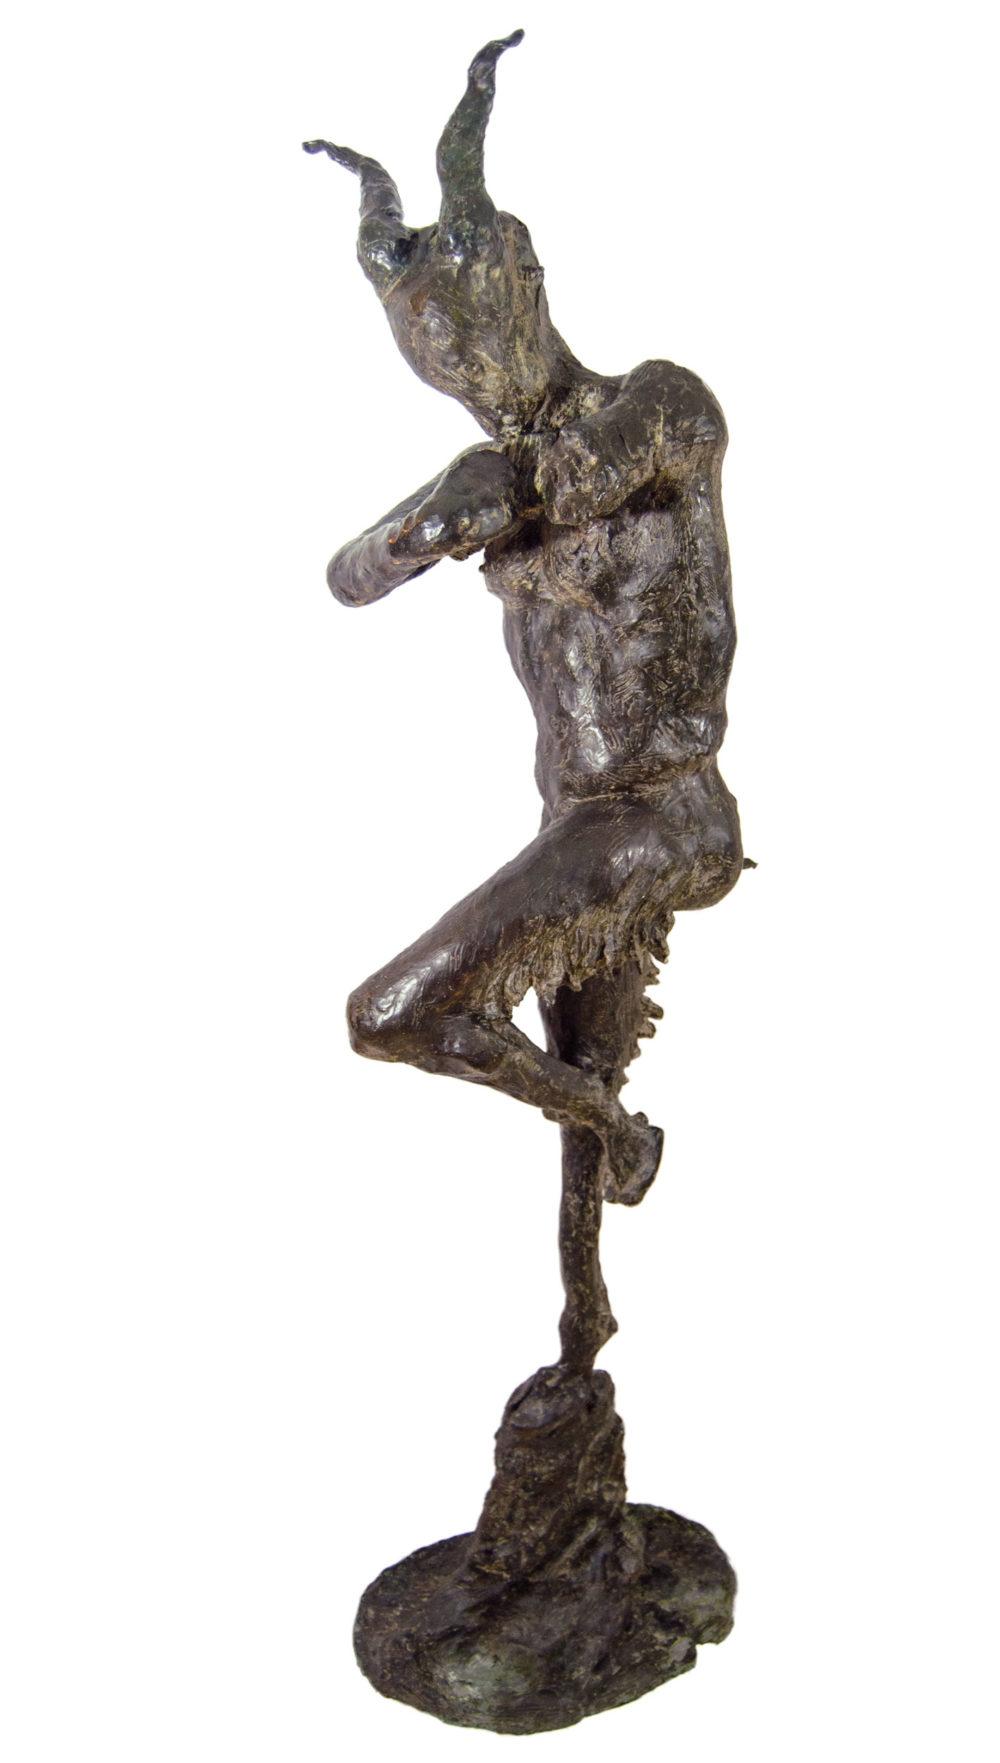 bronze sculpture of a faun by david spence | Felder Gallery